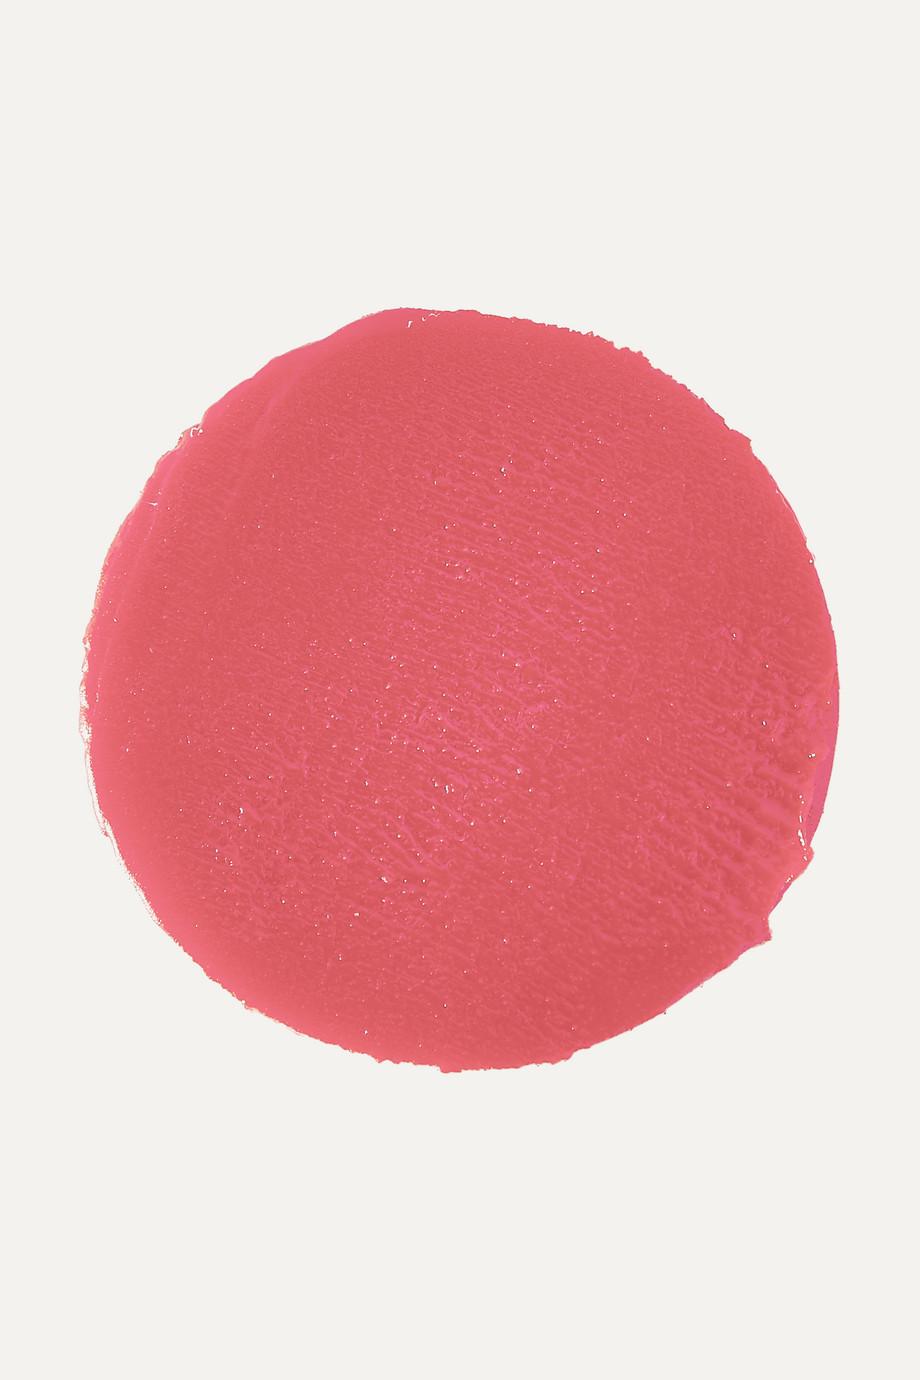 Christian Louboutin Beauty Rouge à lèvres Silky Satin, Très Décolleté